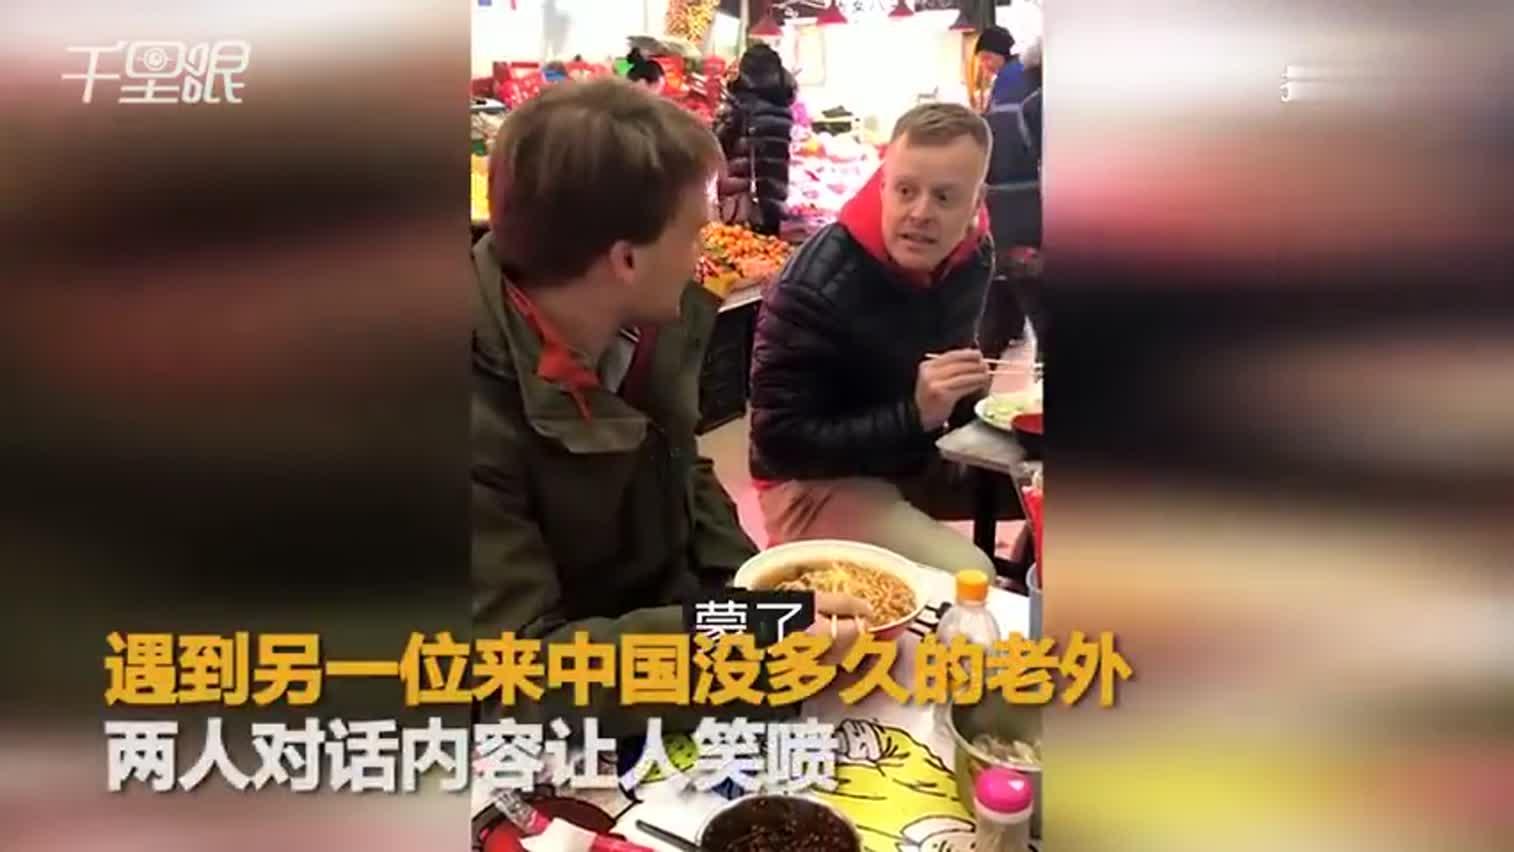 这位外国友人已经深刻领悟到了中国大妈的聊天精髓了,太会唠嗑了吧